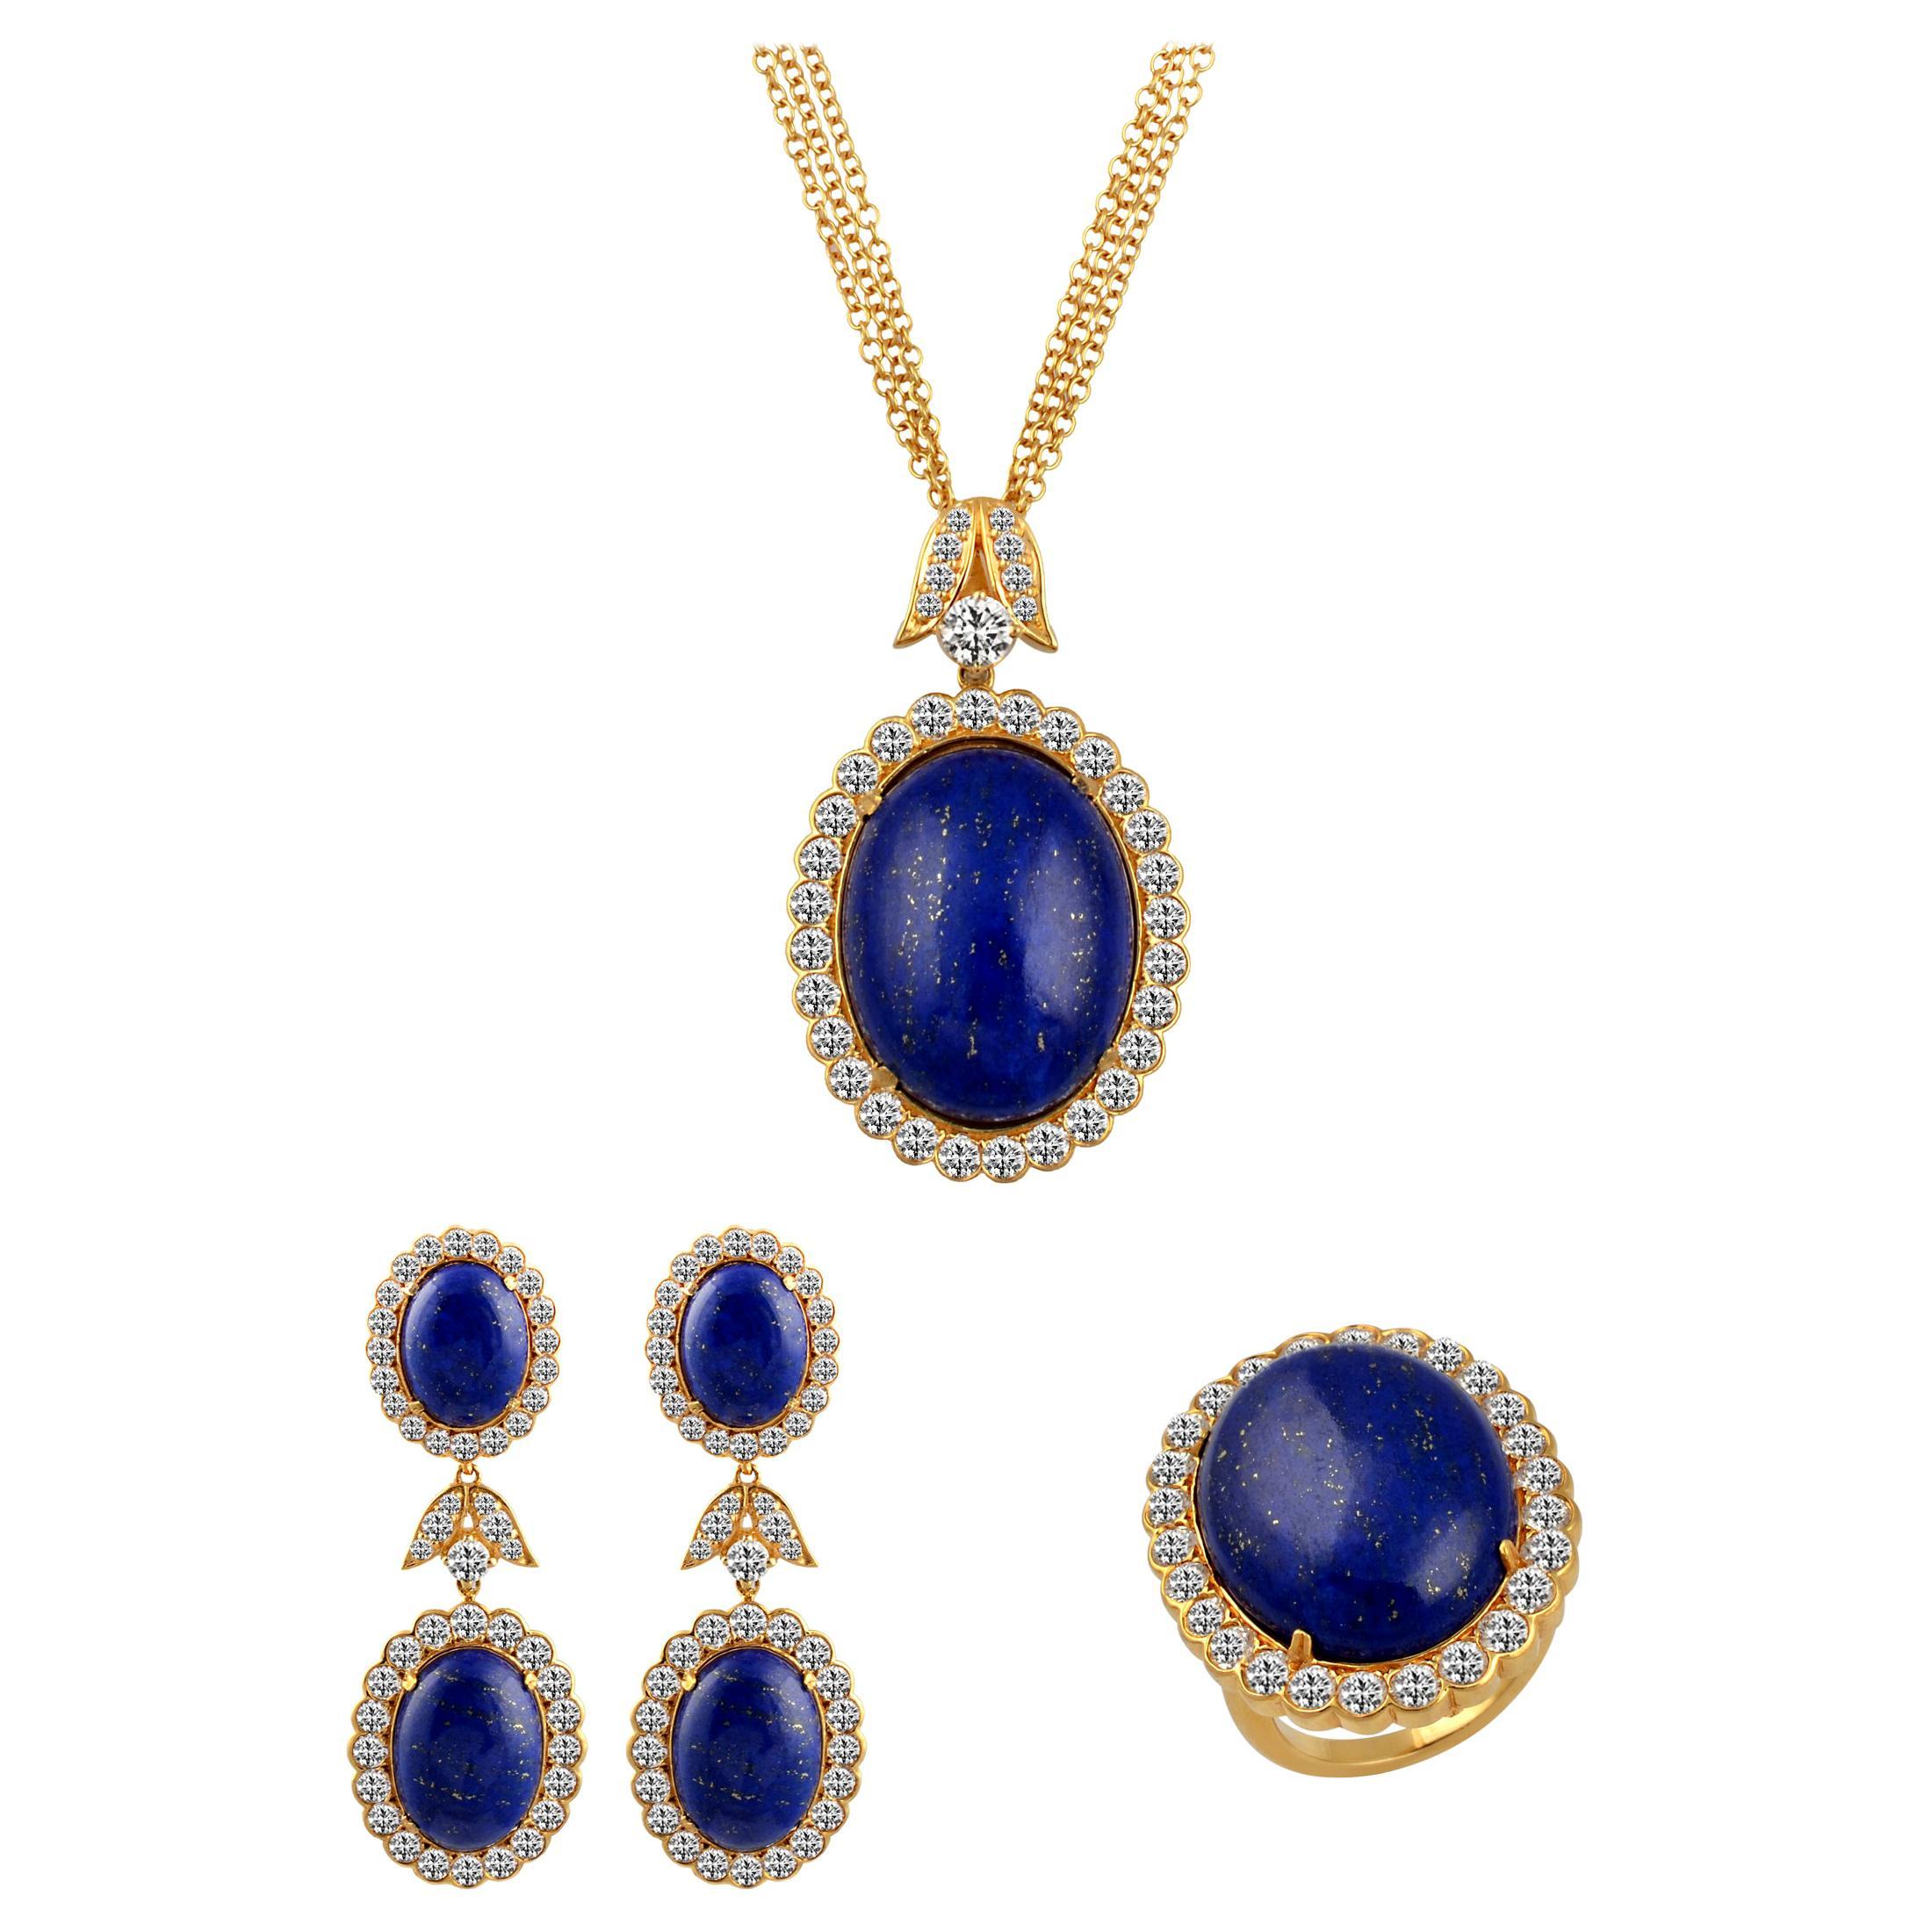 15Ct Diamond & 30Ct Natural Lapis Lazuli Set 18 K Y Gold, Ring, Earring, Pendant